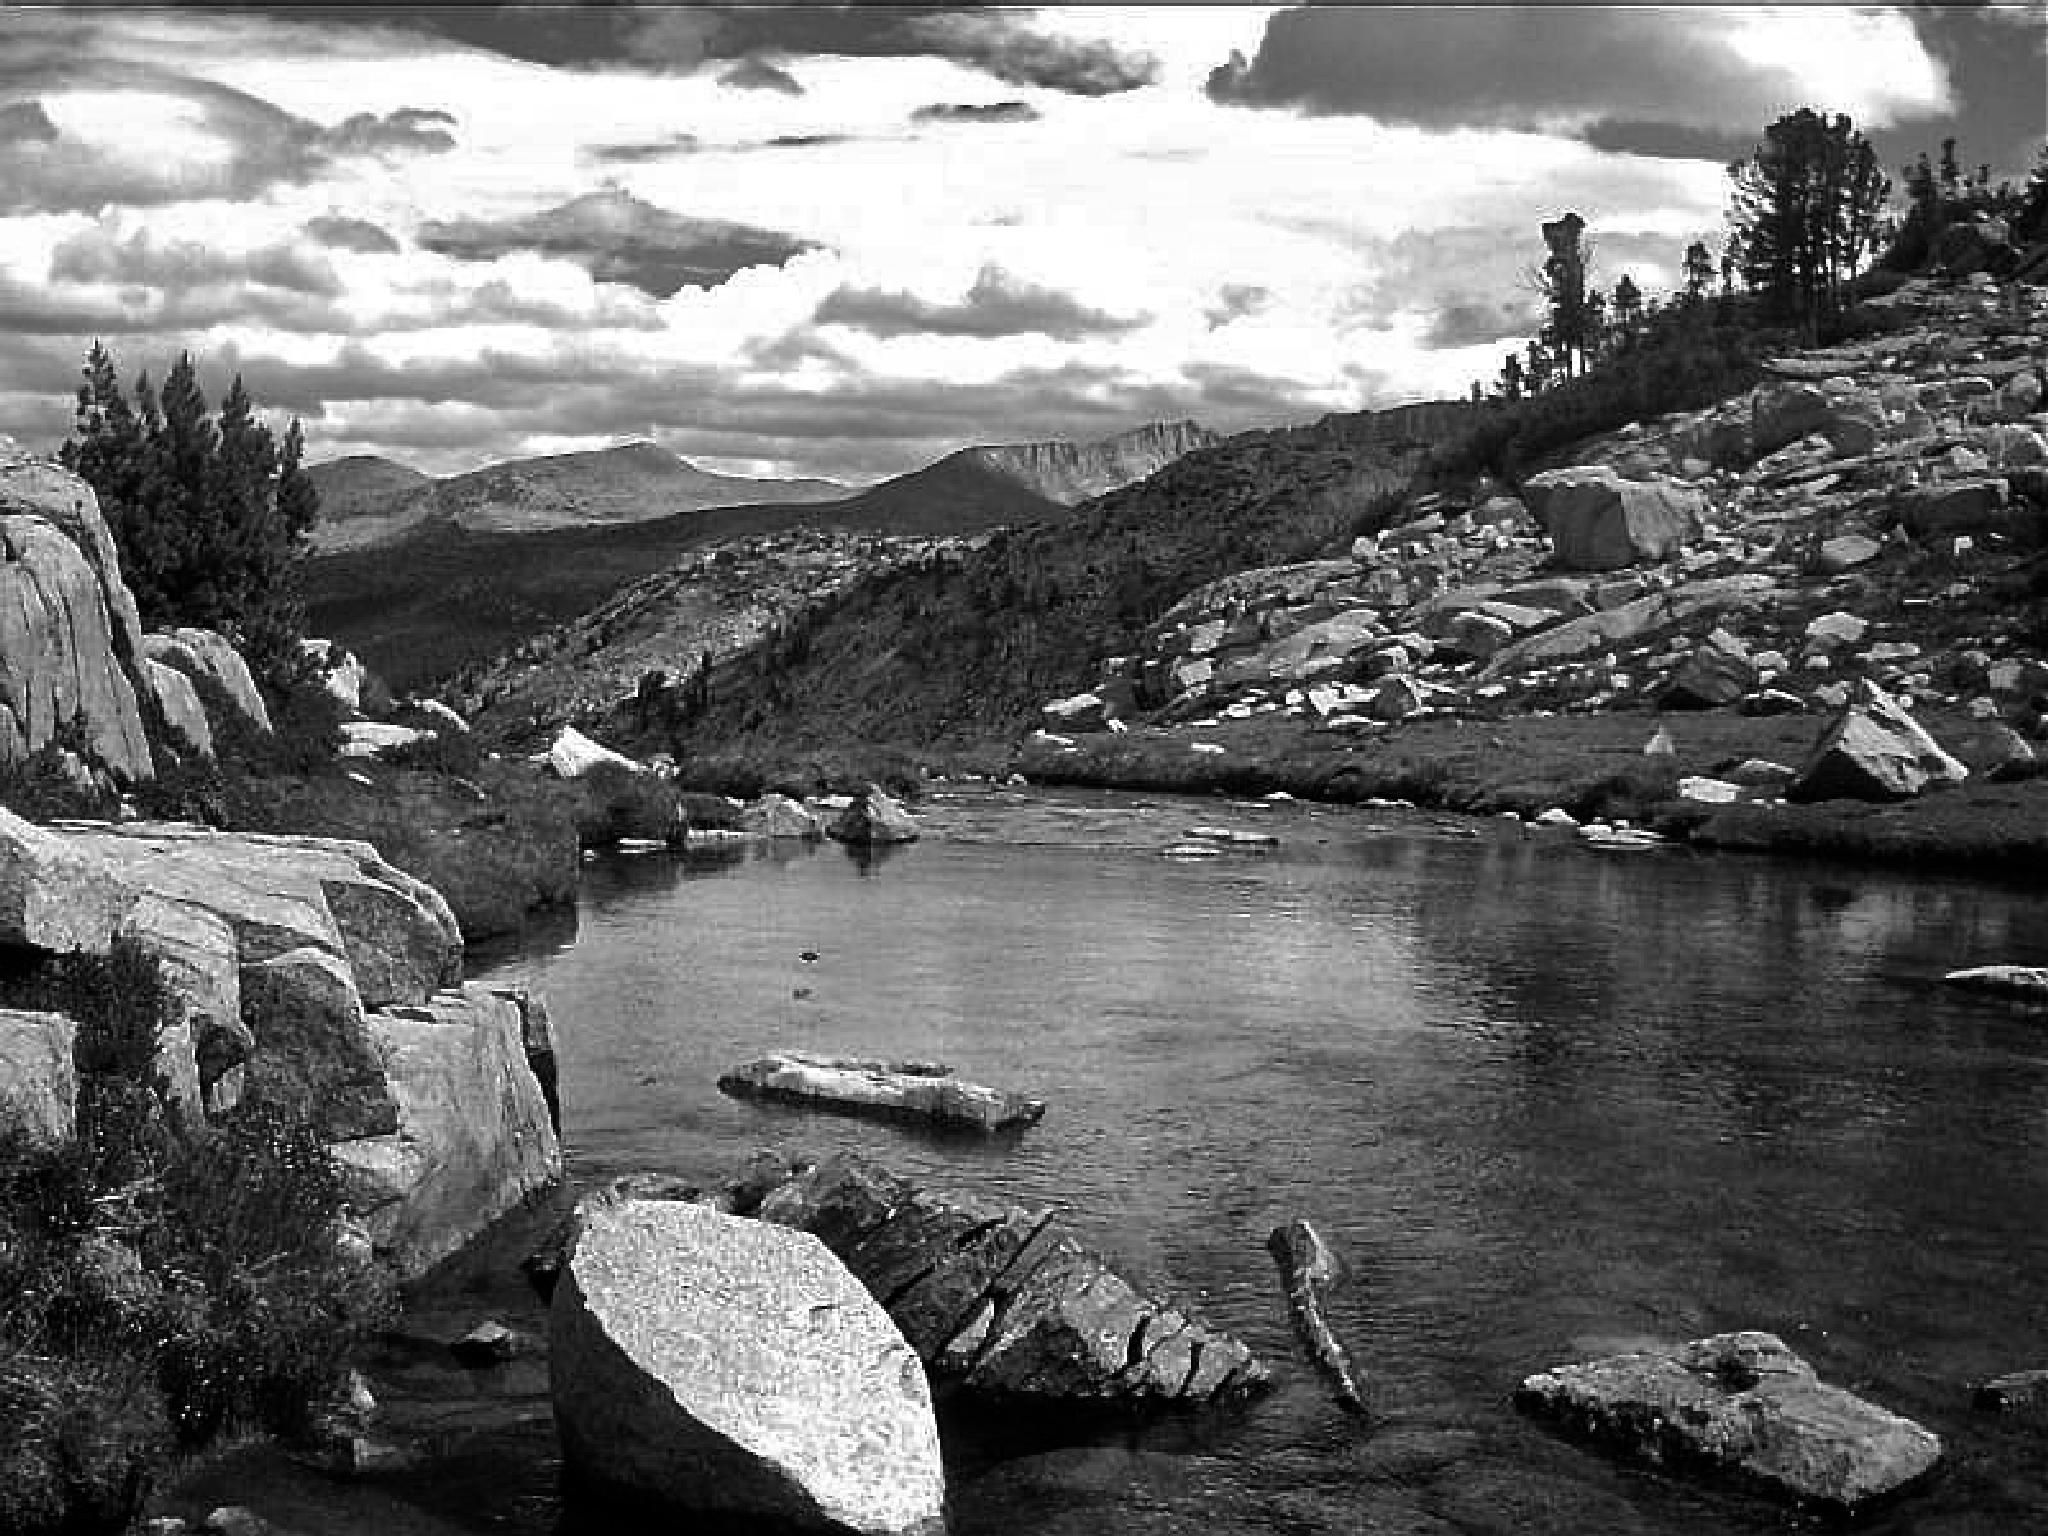 Lyell Canyon, Yosemite by MelanieAnnePhillips